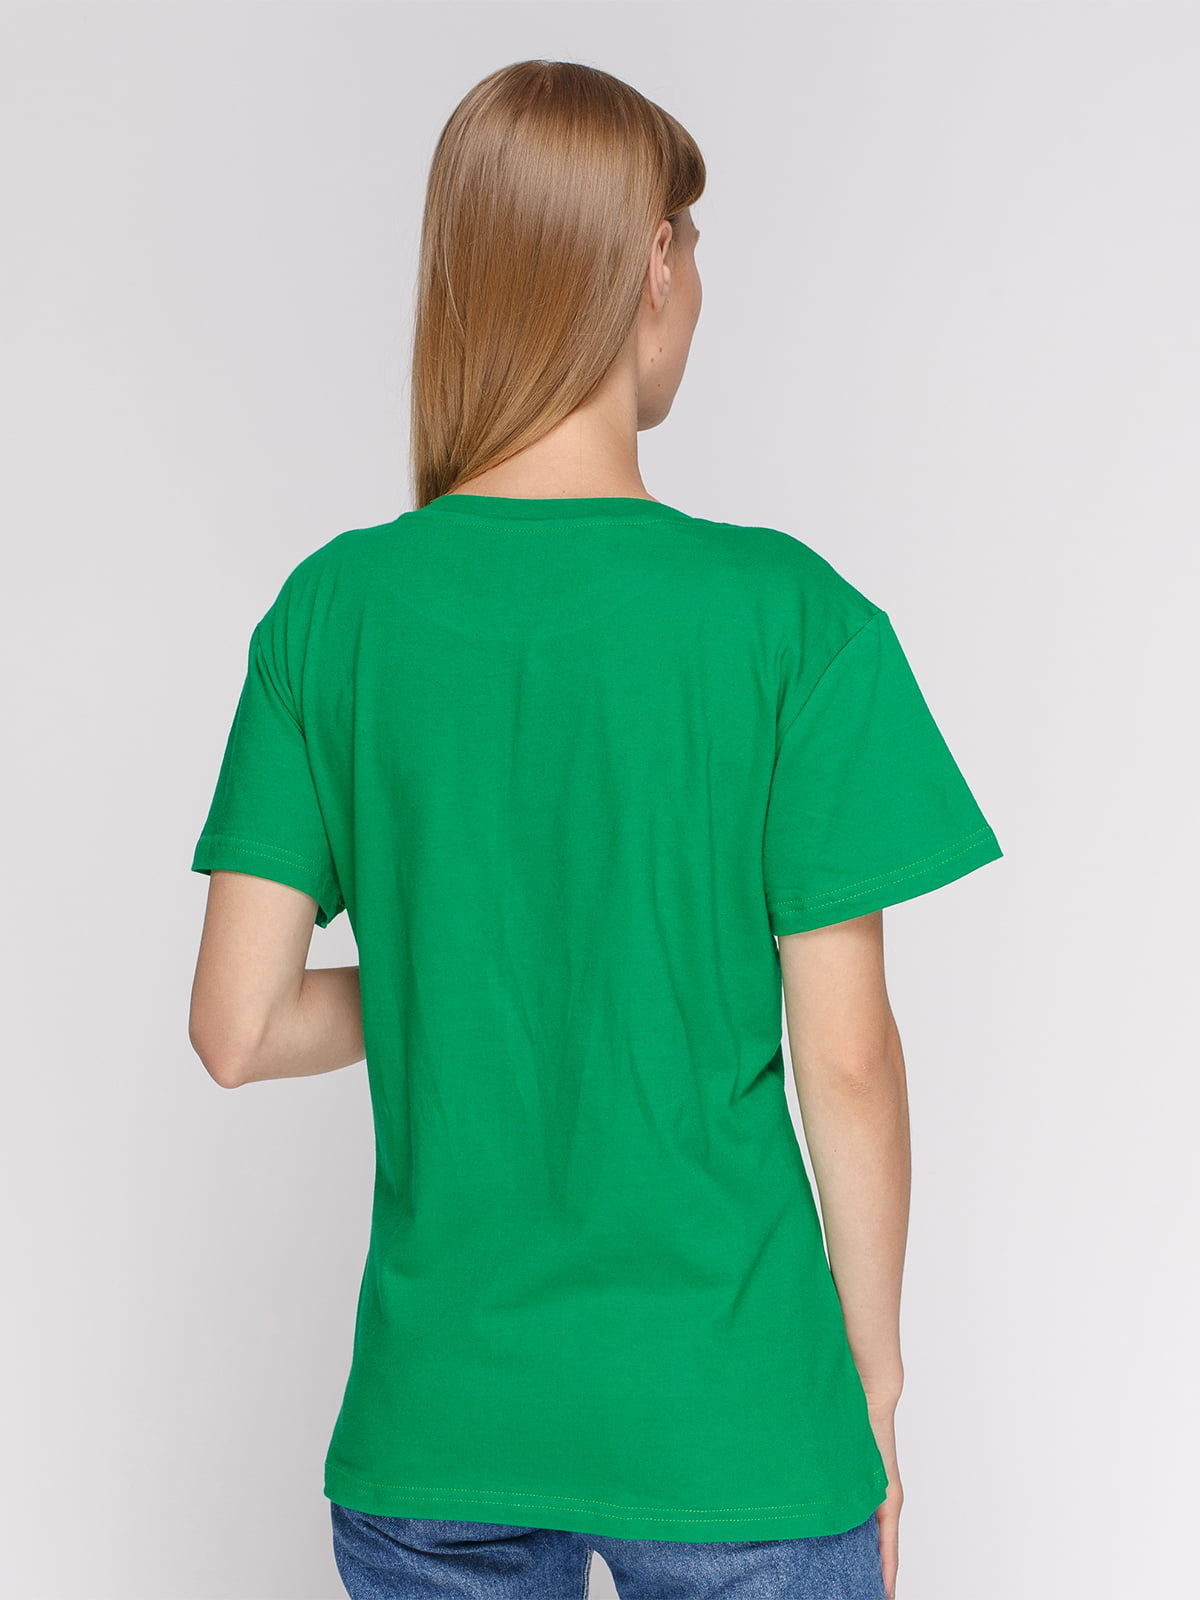 Футболка зелена з принтом | 4577867 | фото 2